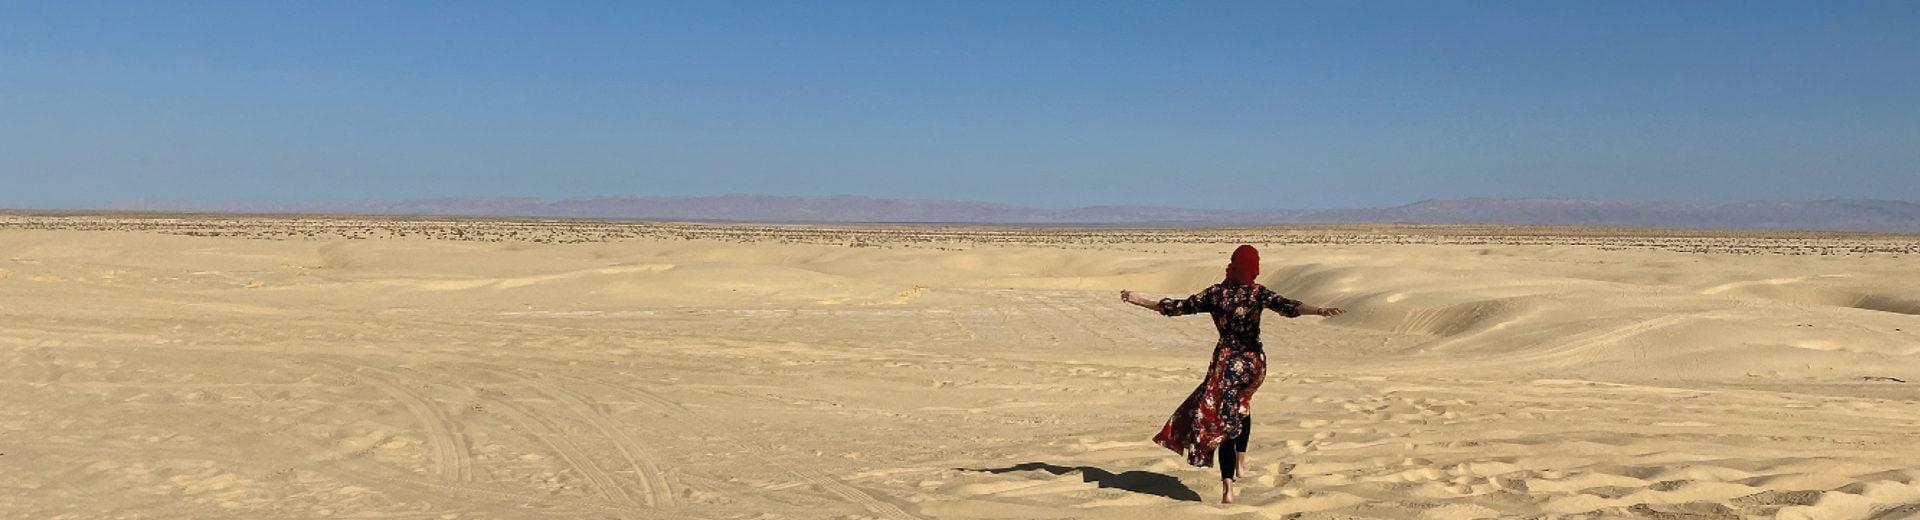 Tunisia Dunes